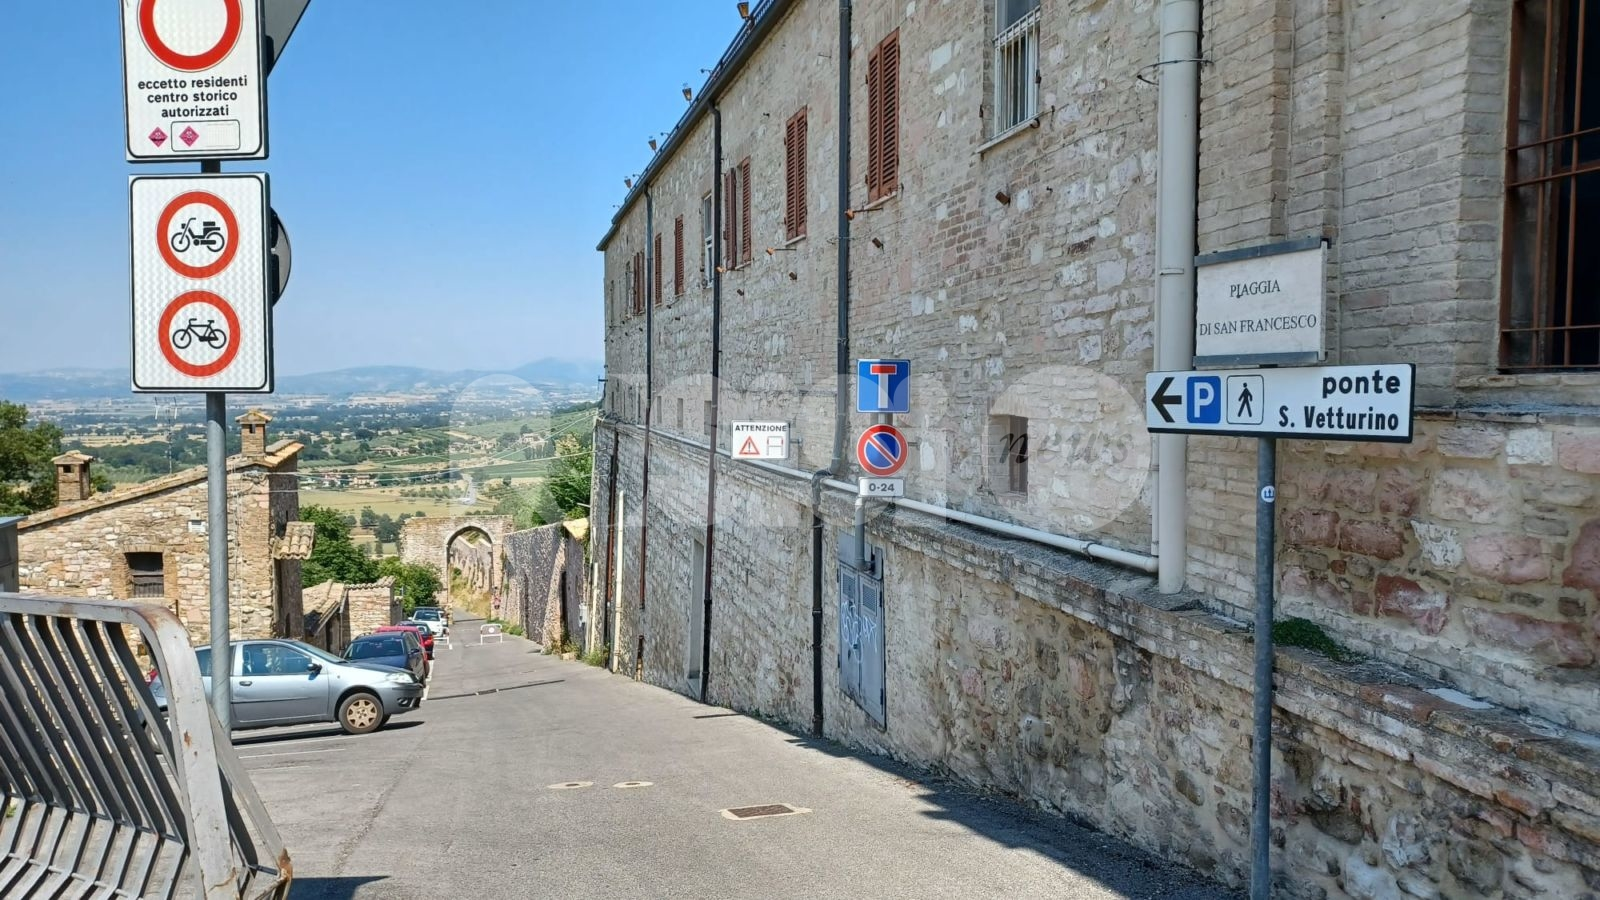 Piaggia San Francesco bisognosa di manutenzione: la segnalazione (foto)